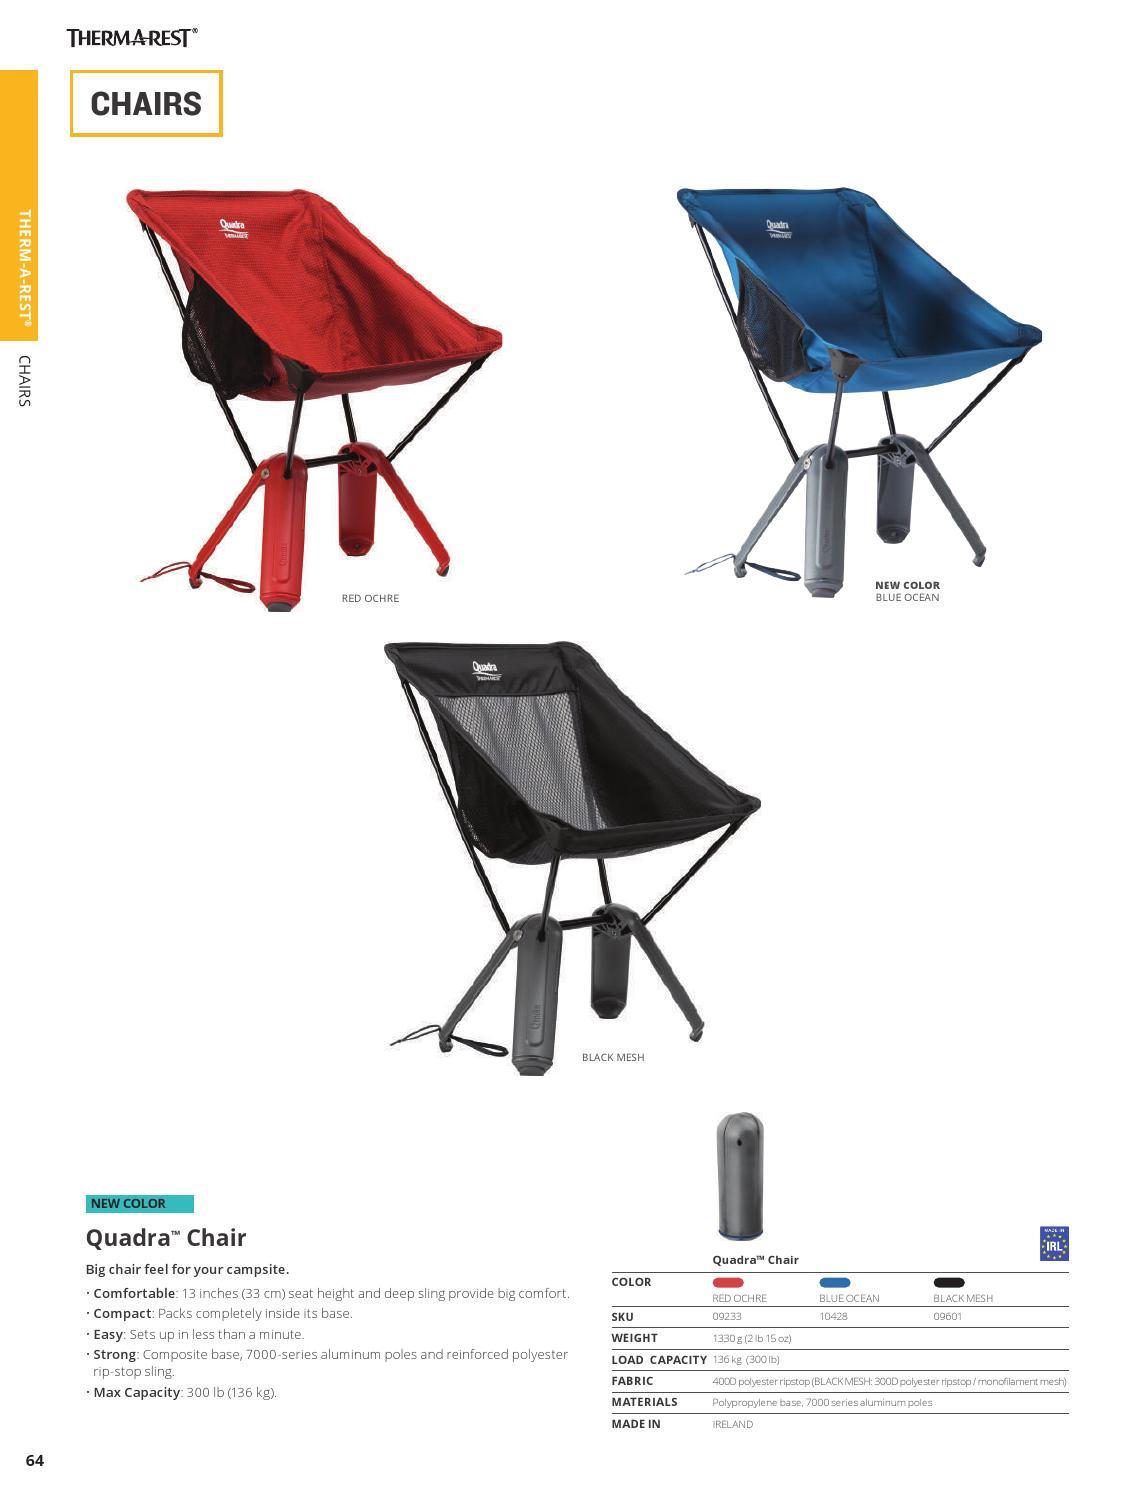 Therm-a-Rest Quadra Chair in Blue Ocean